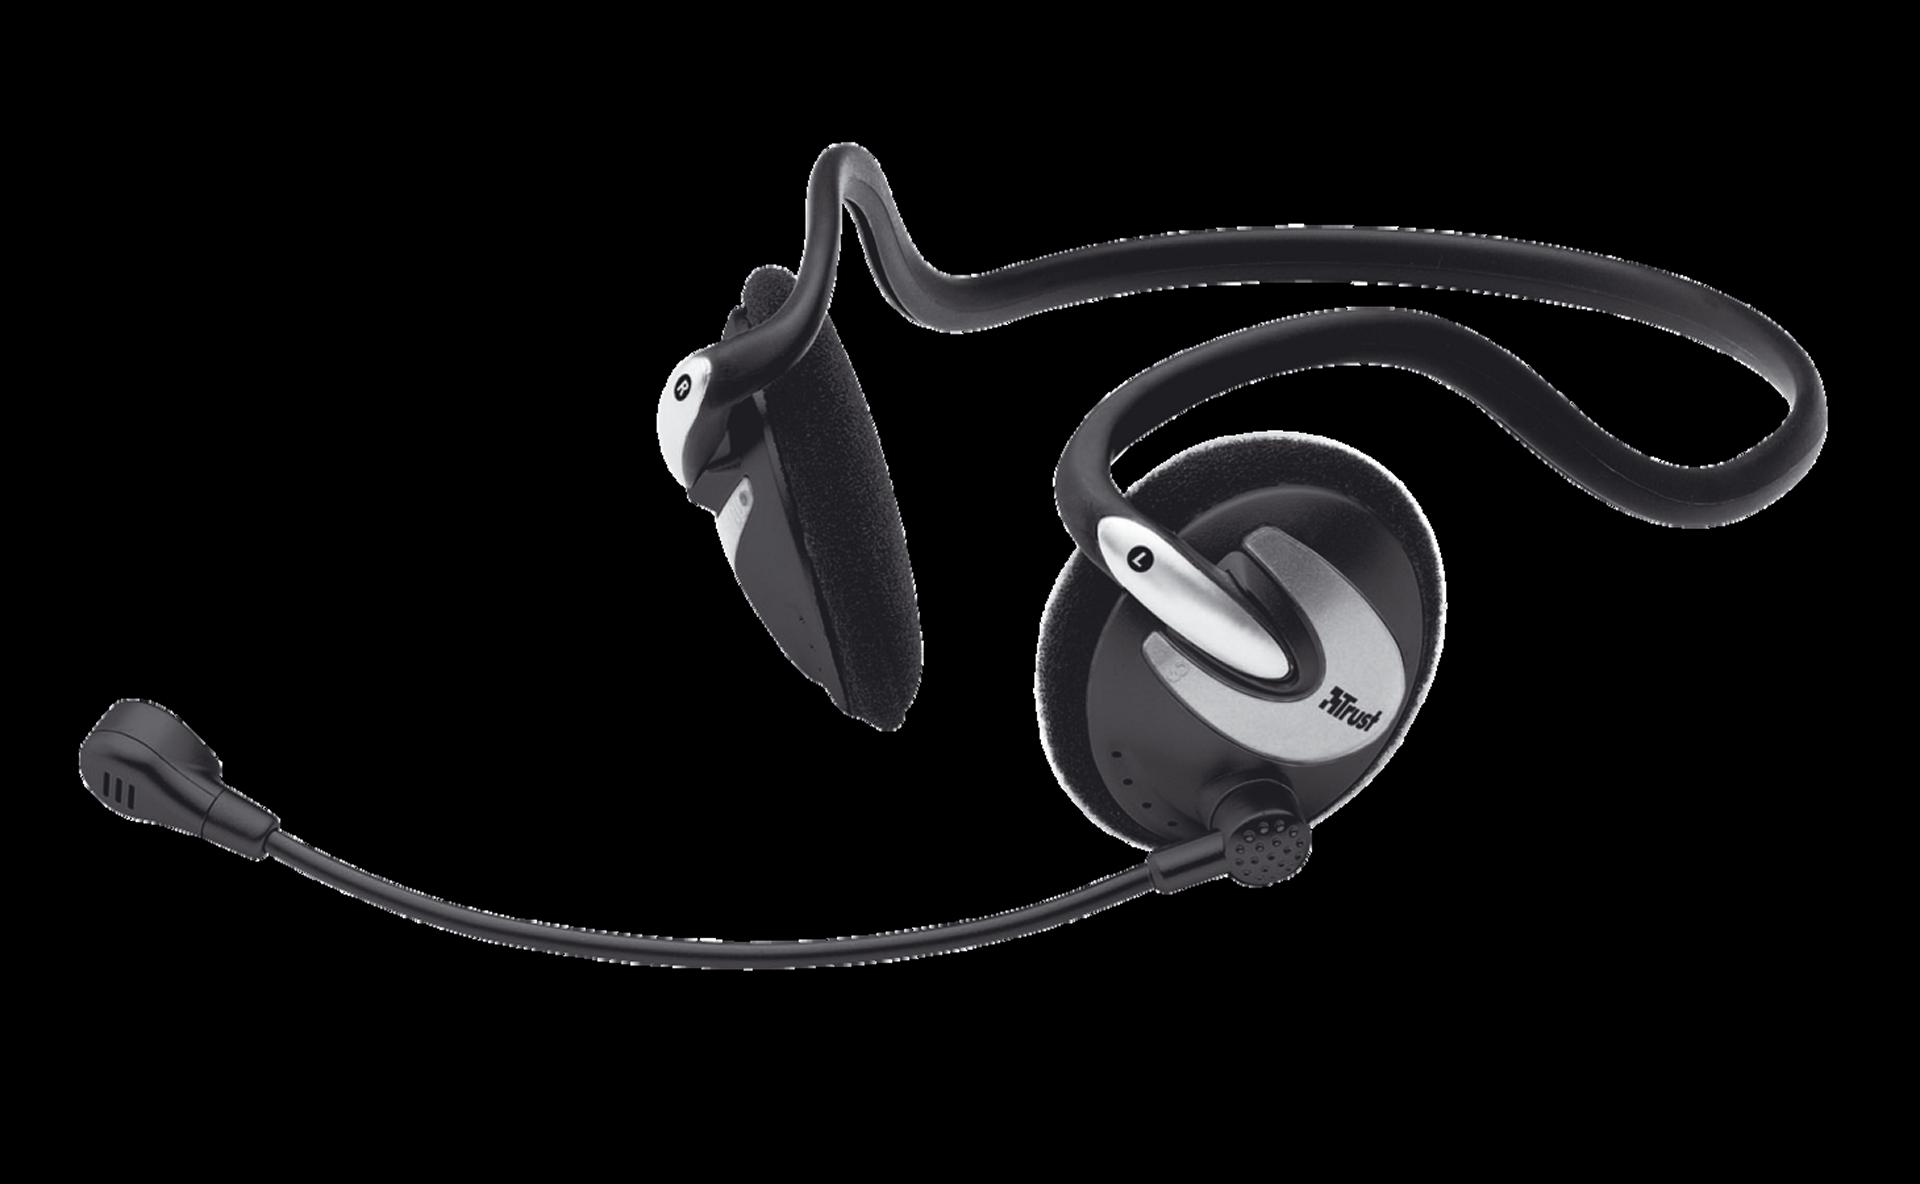 náhlavní sada TRUST Headset HS-2200